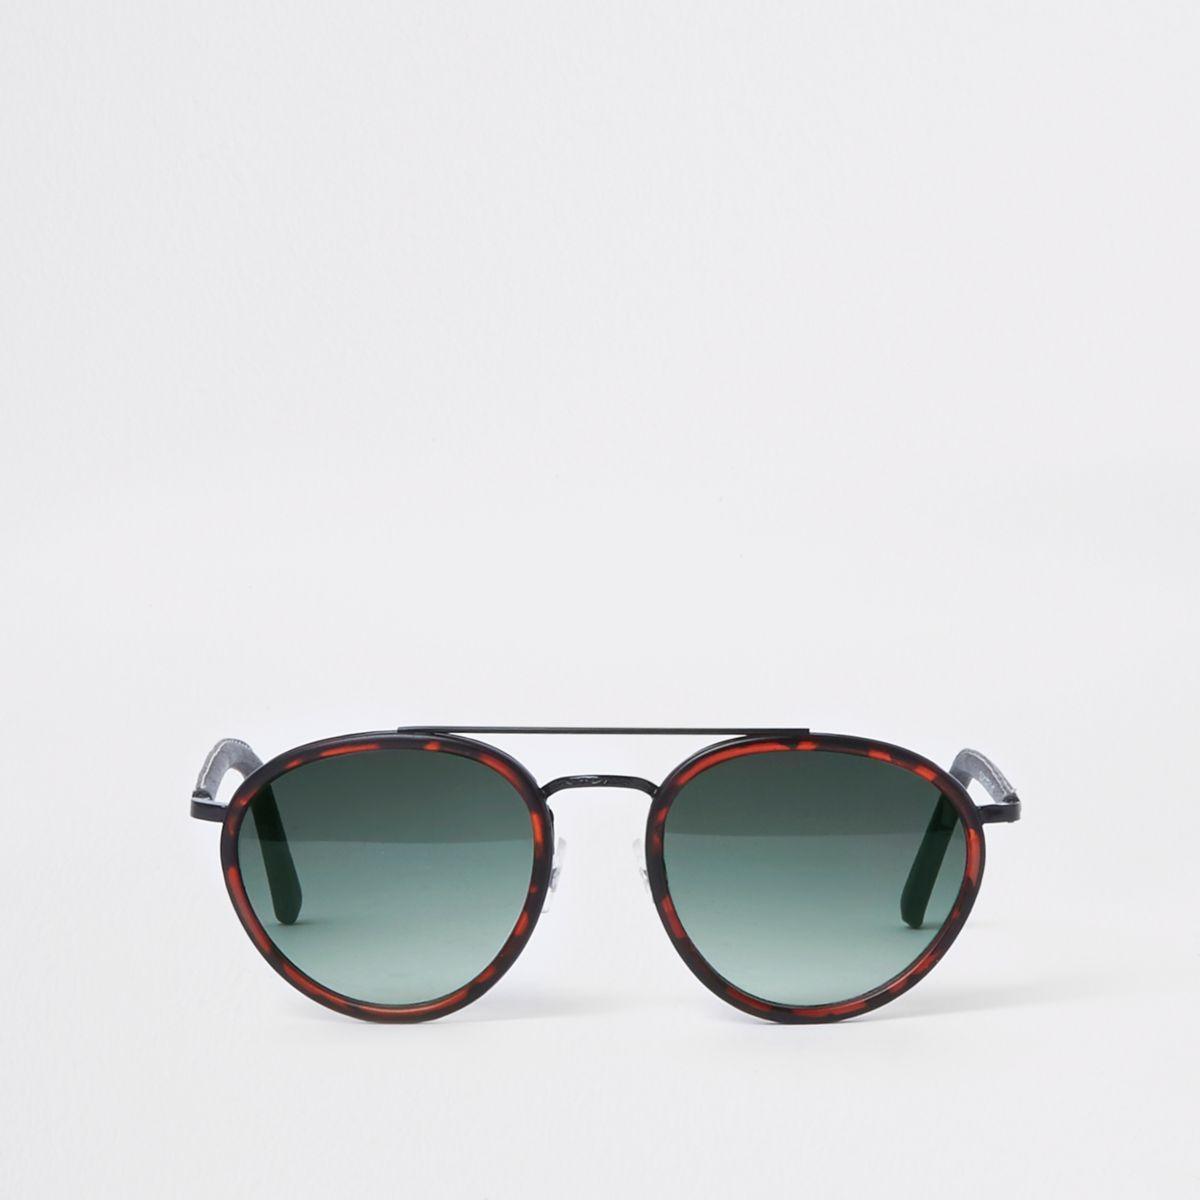 Brown tortoiseshell aviator sunglasses